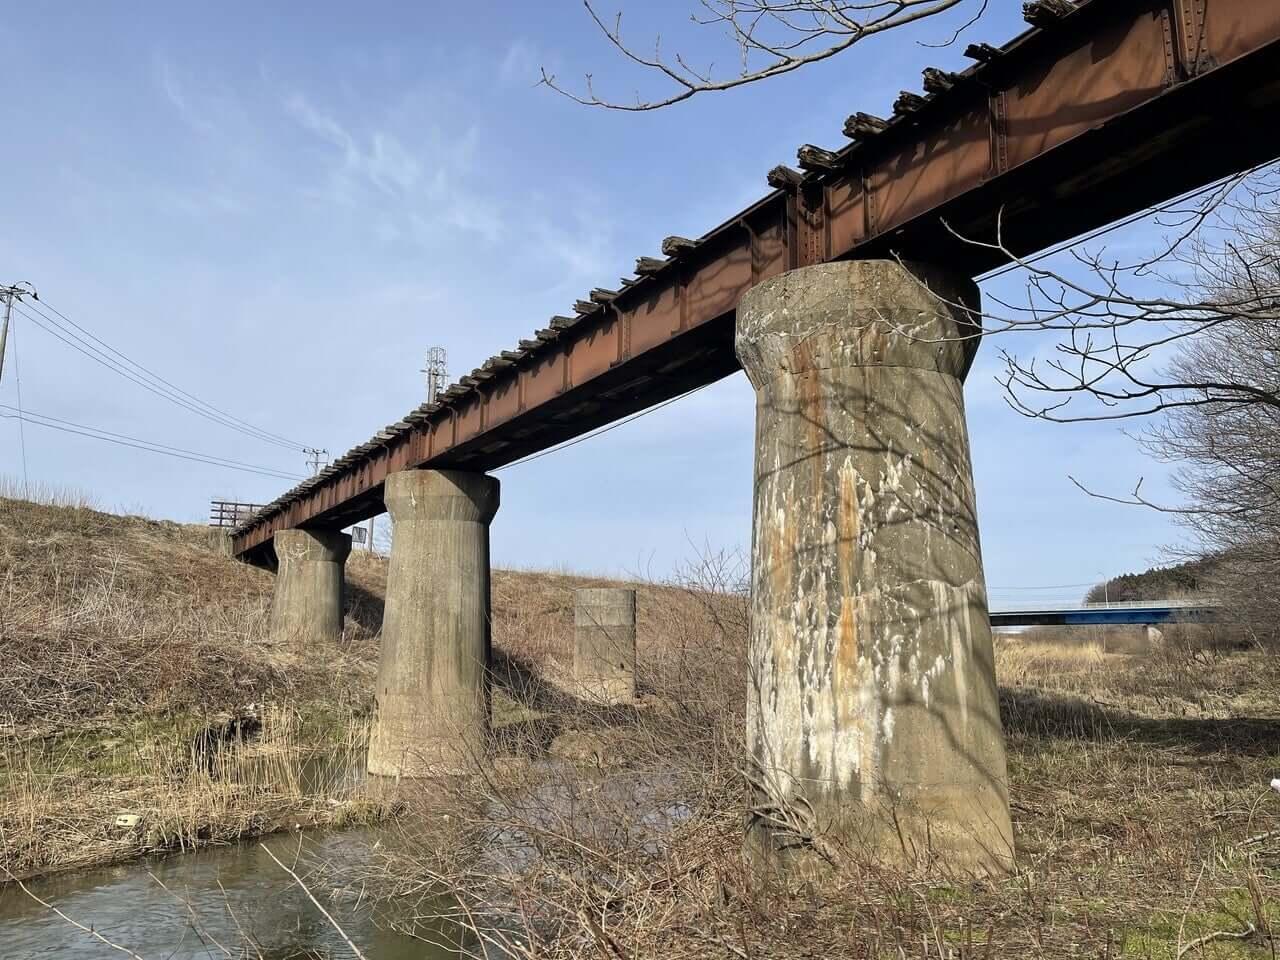 木材工場へ木材を運搬するために使われていた線路と鉄橋